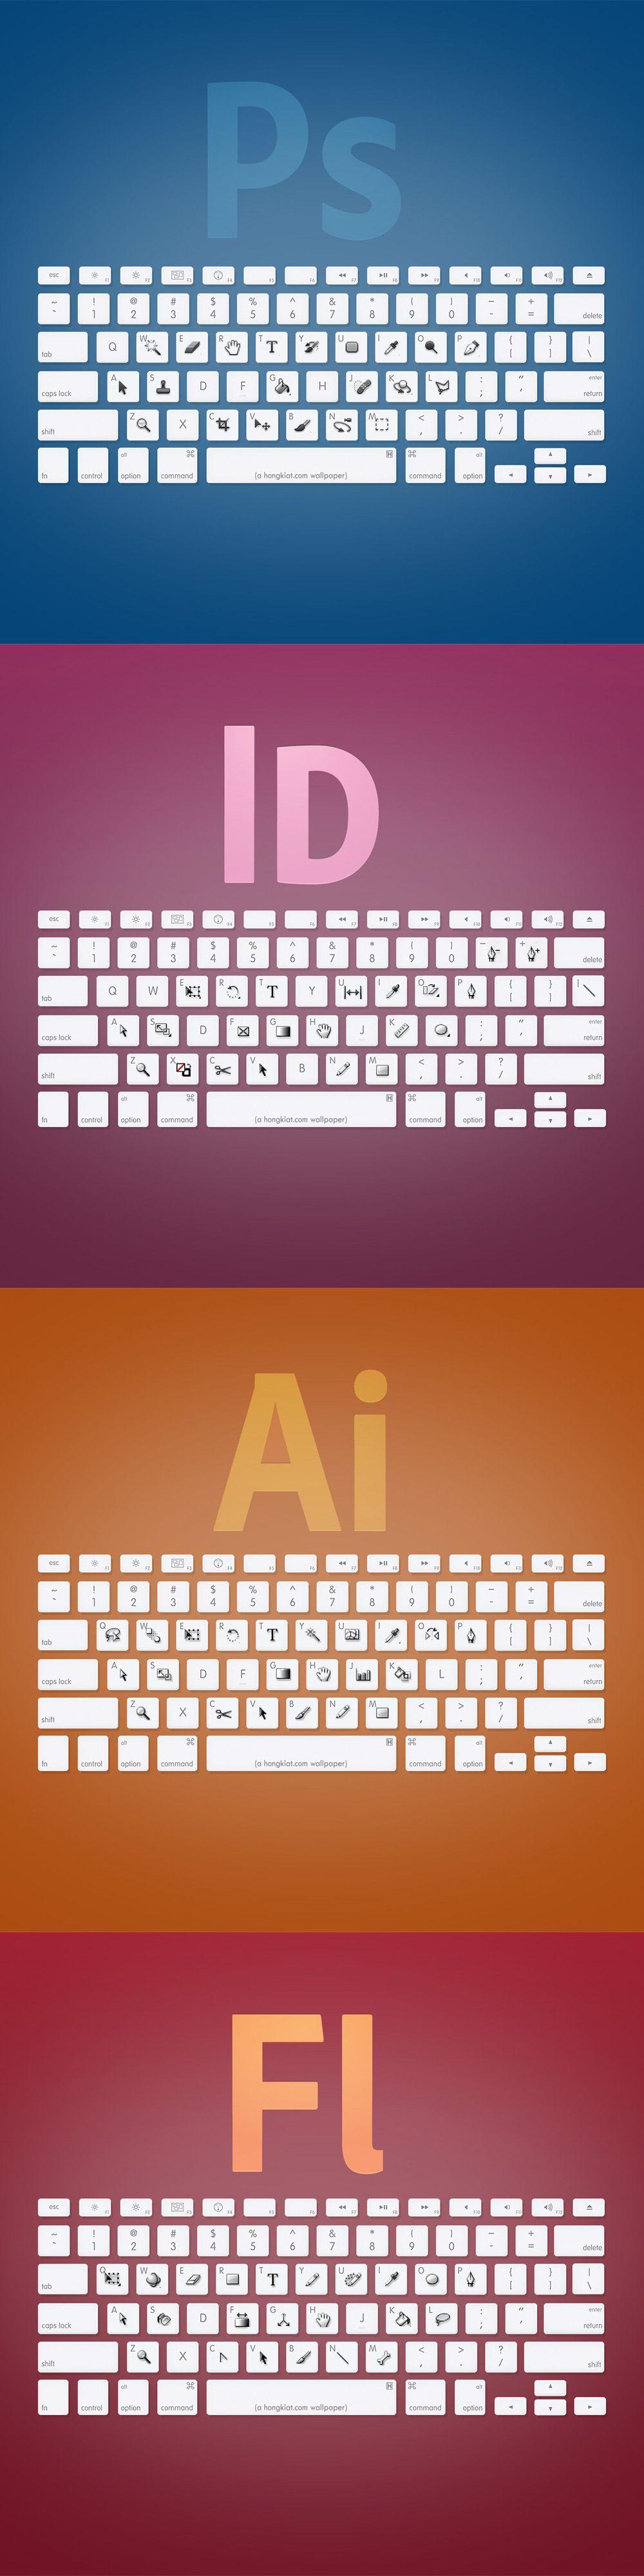 Os principais atalhos do Adobe para ajudar os aspirantes a designer a se especializarem!